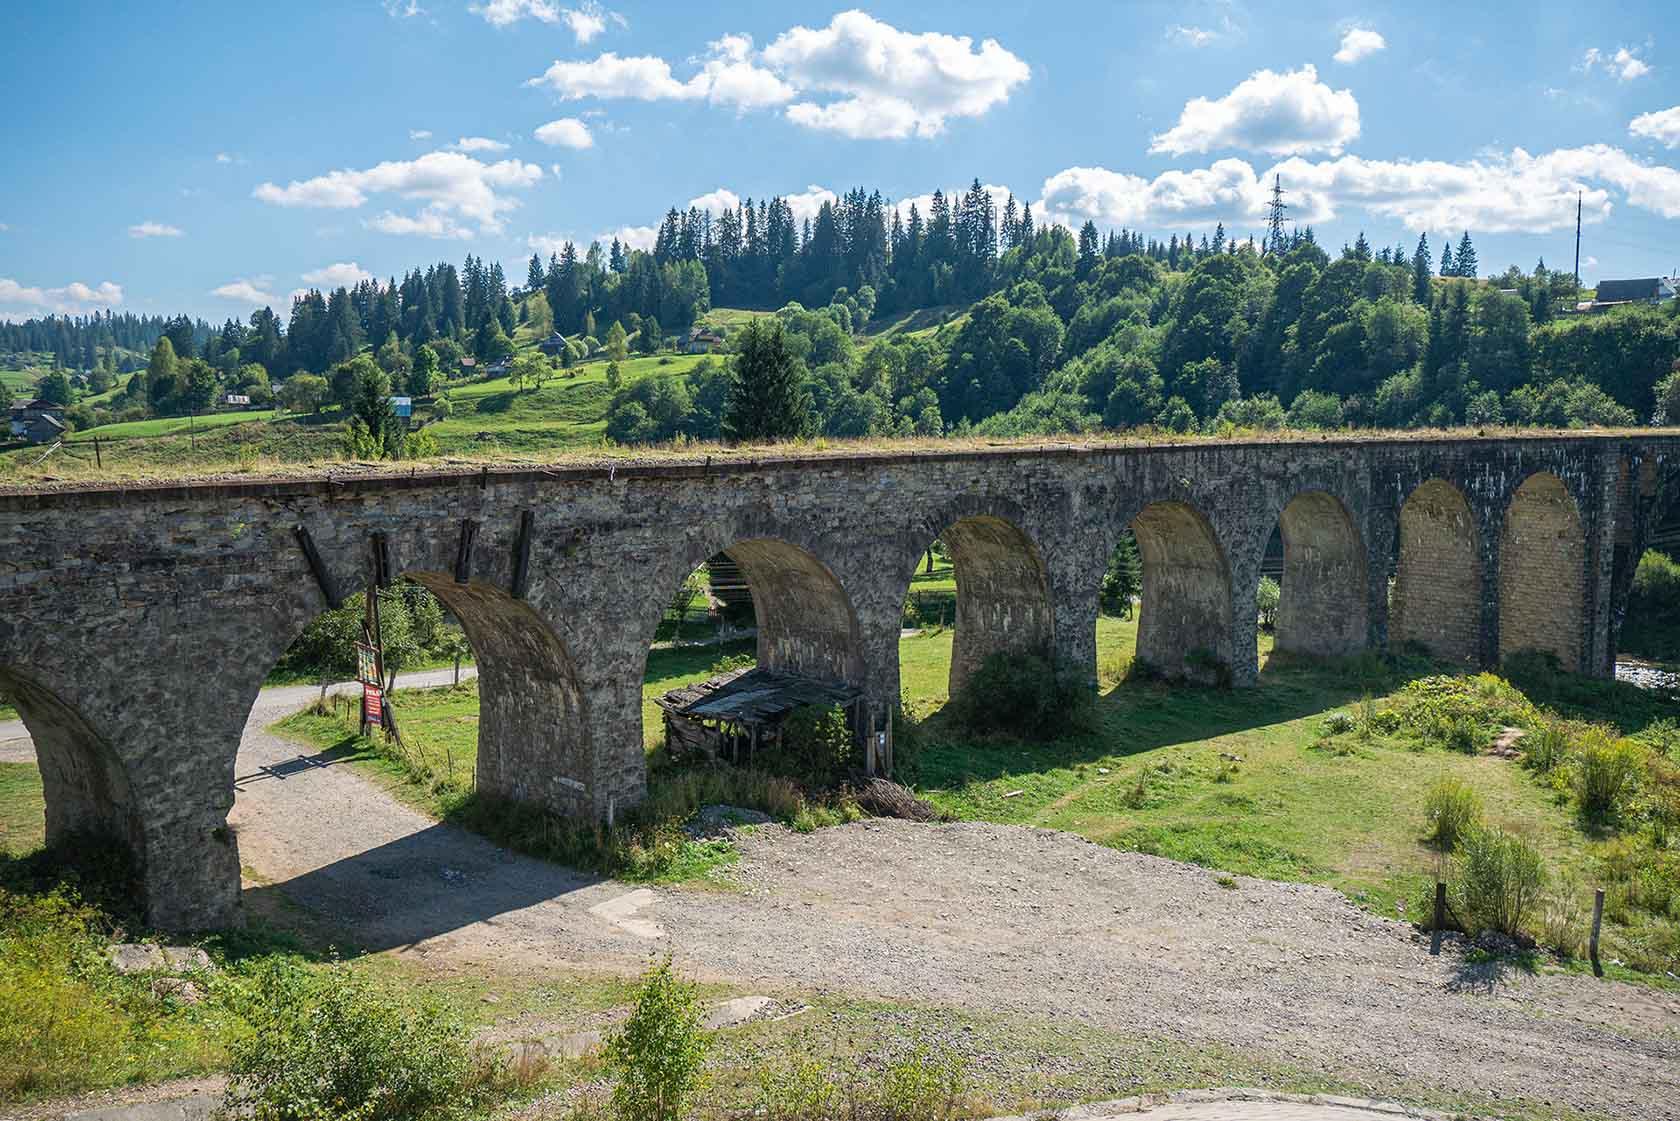 Ворохта – це Європа: як у гуцульському селі з'явився один з найбільших віадуків Старого Світу (ФОТО, ВІДЕО)